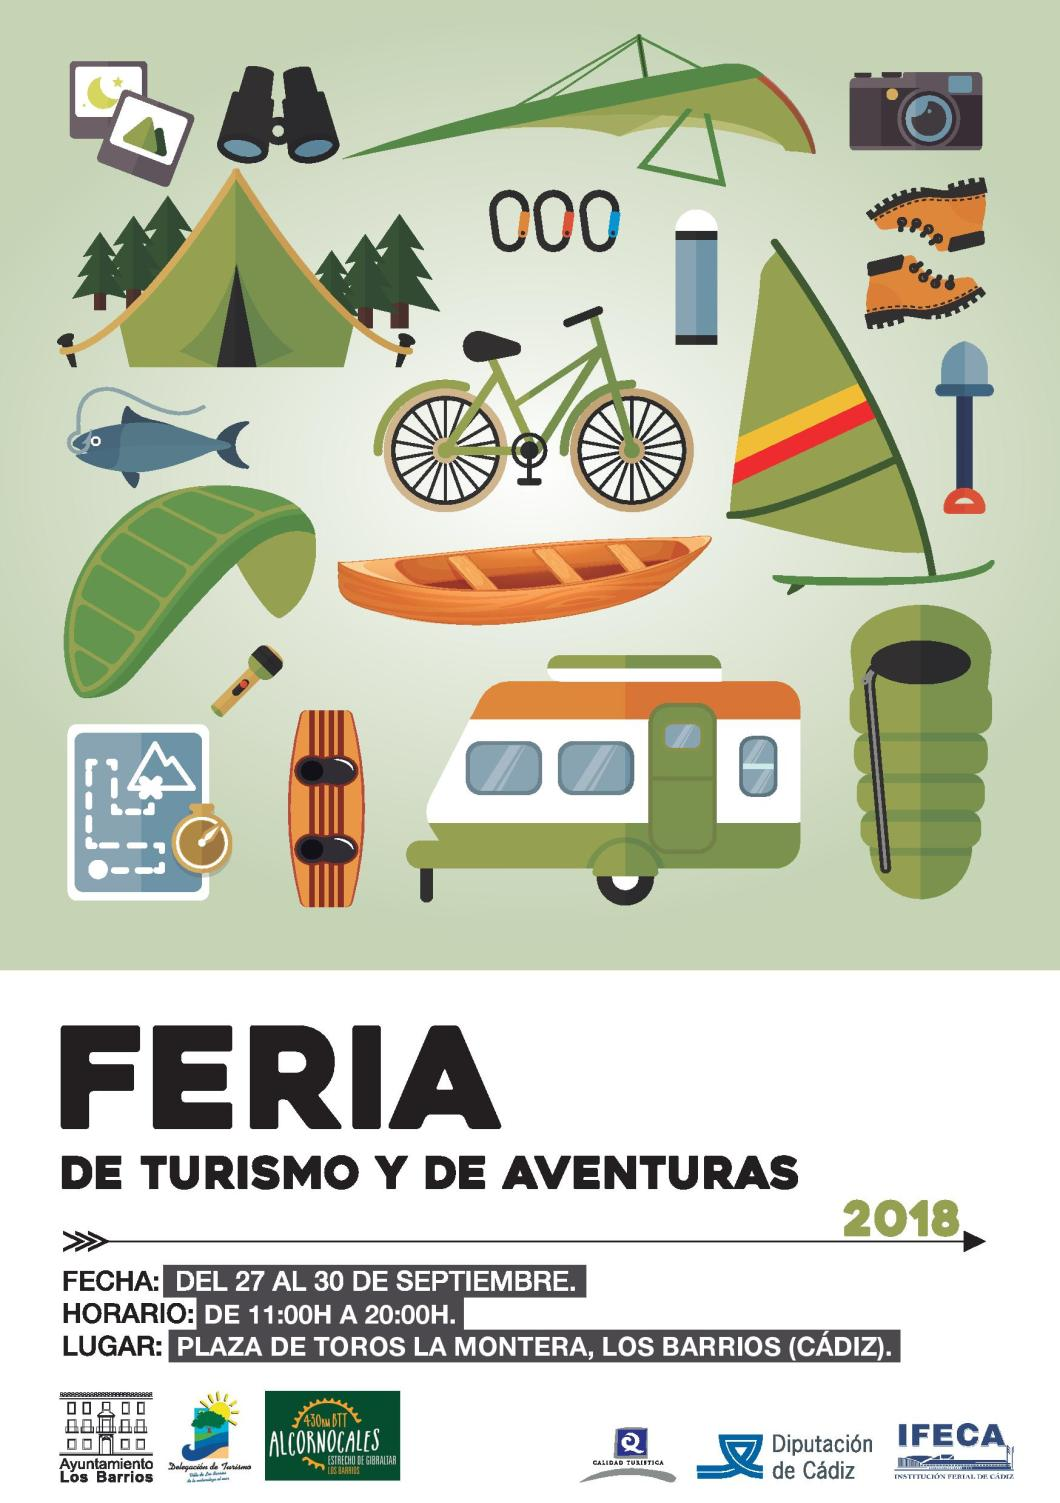 Feria de turismo Los Barrios 2018.jpg